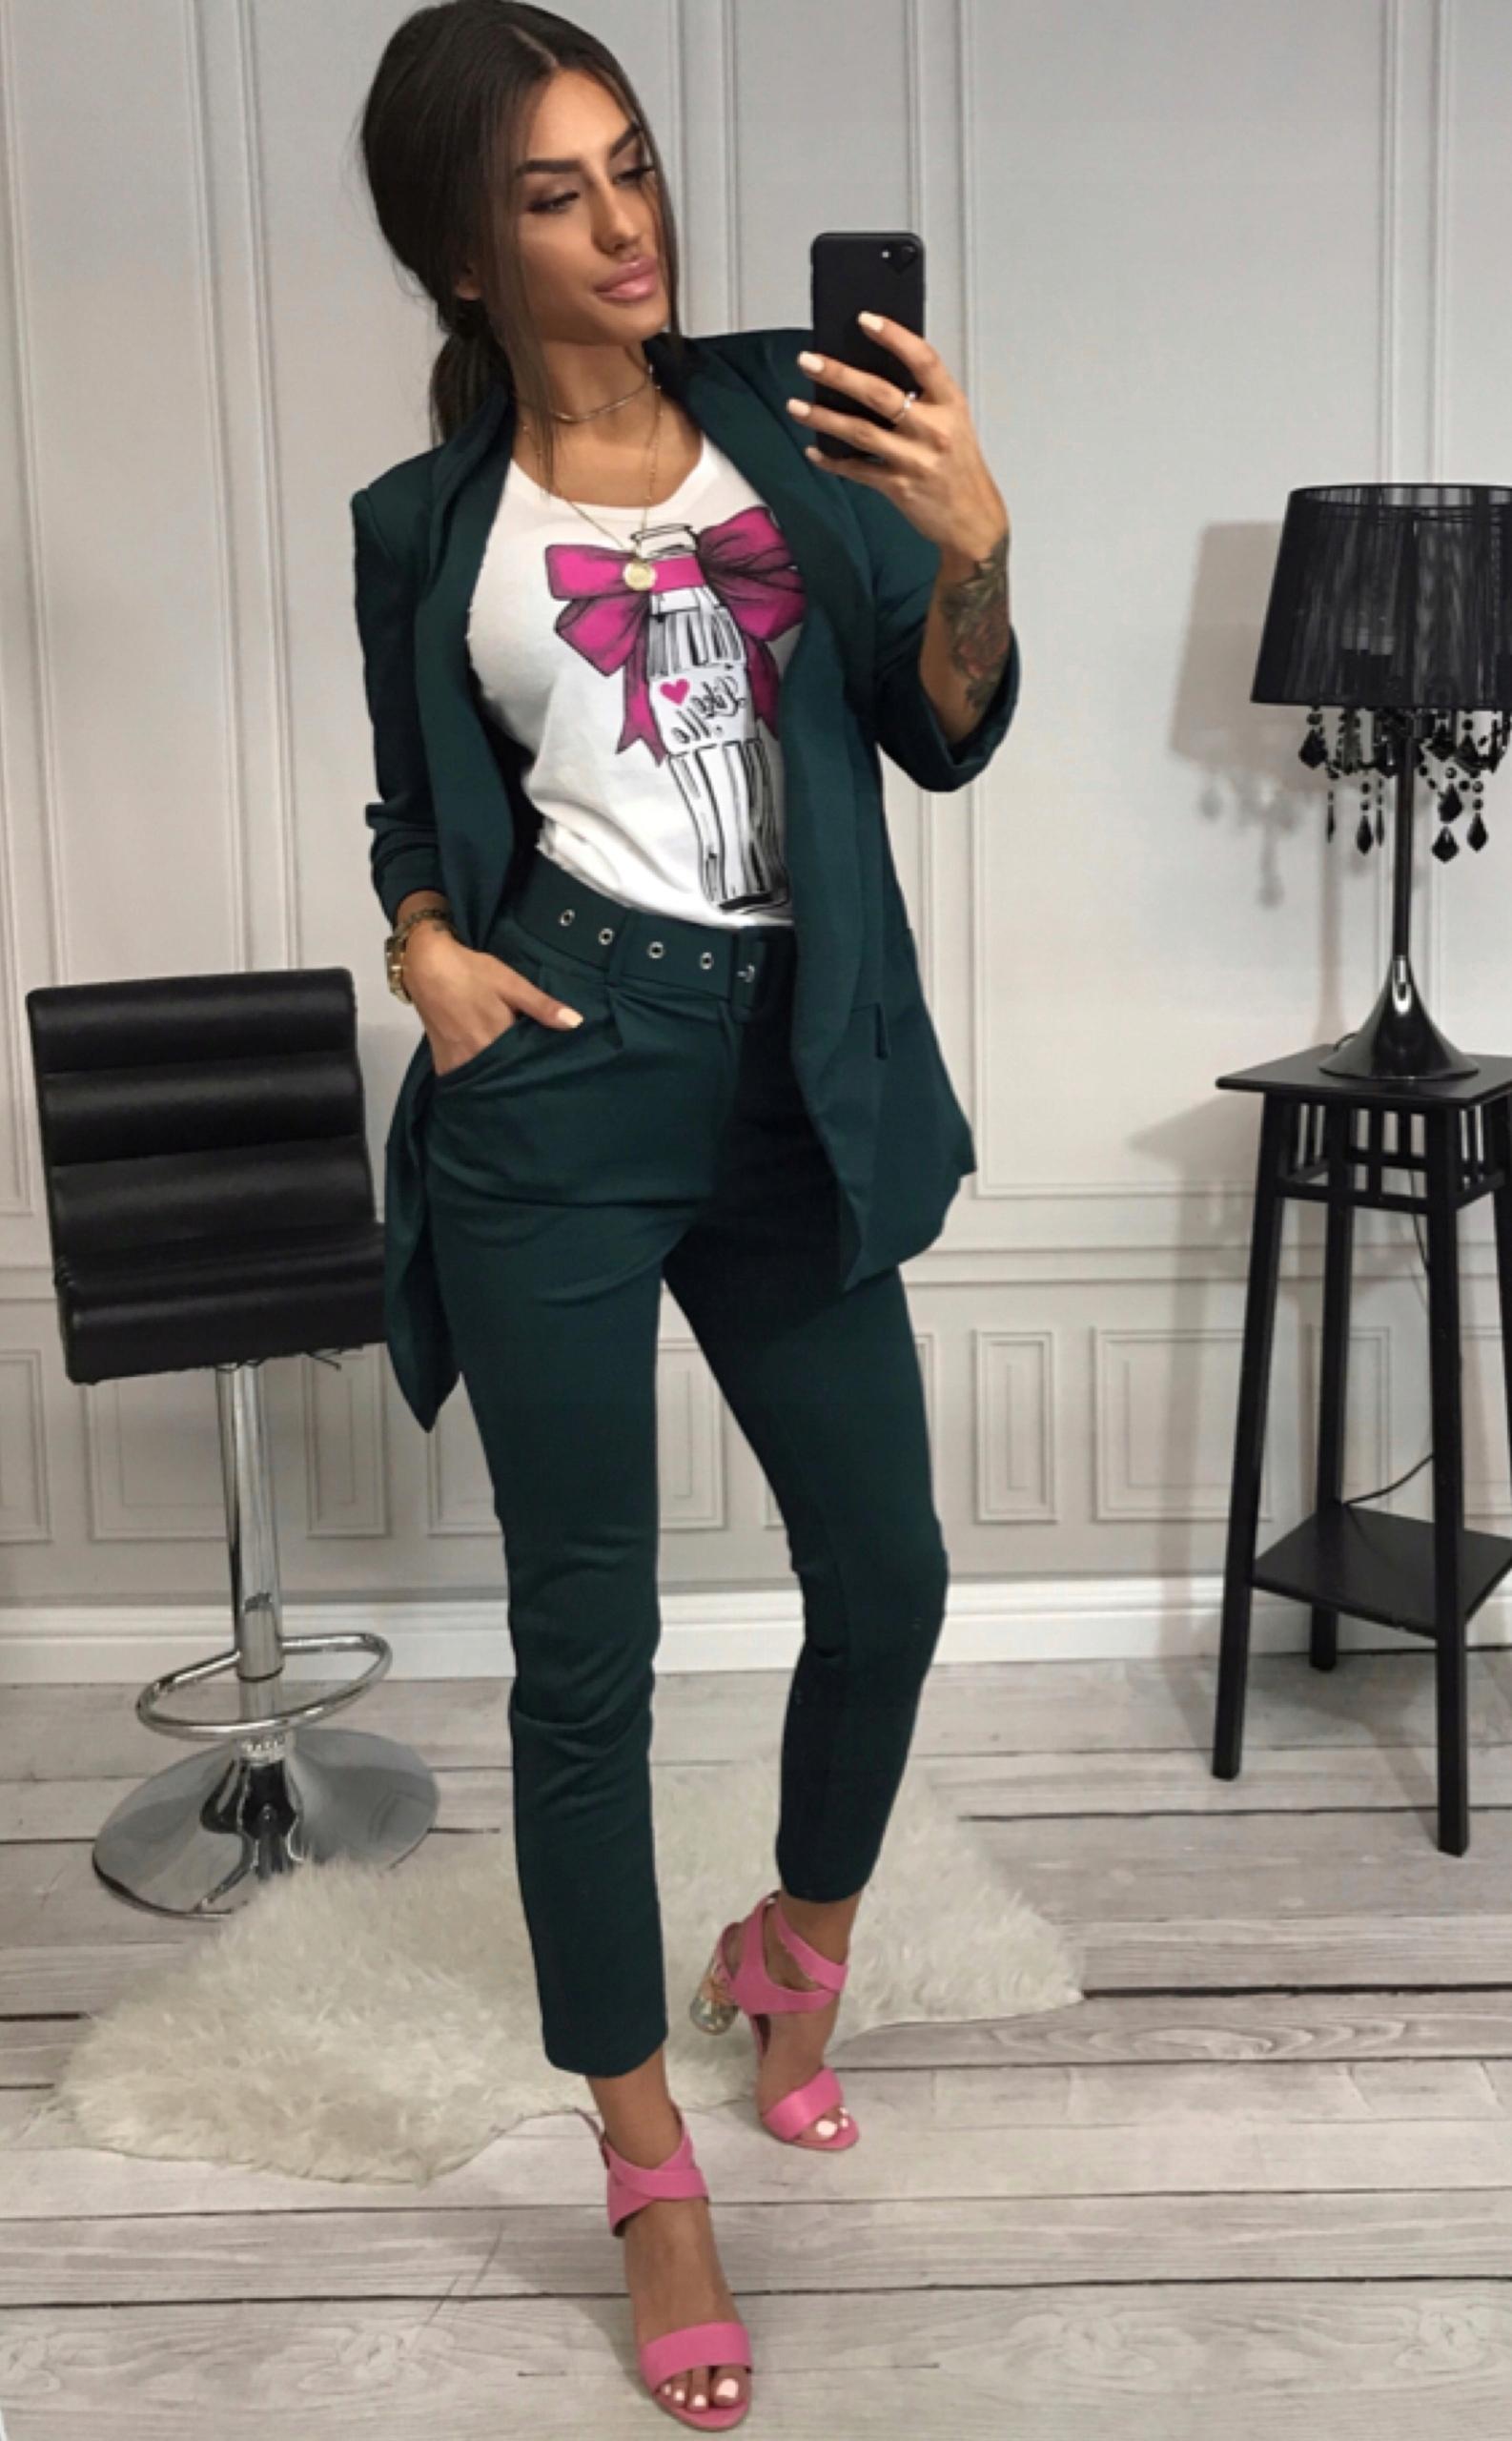 1791f3dd70 Komplet żakiet spodnie kostium garnitur jak Zara M - 7562148724 ...